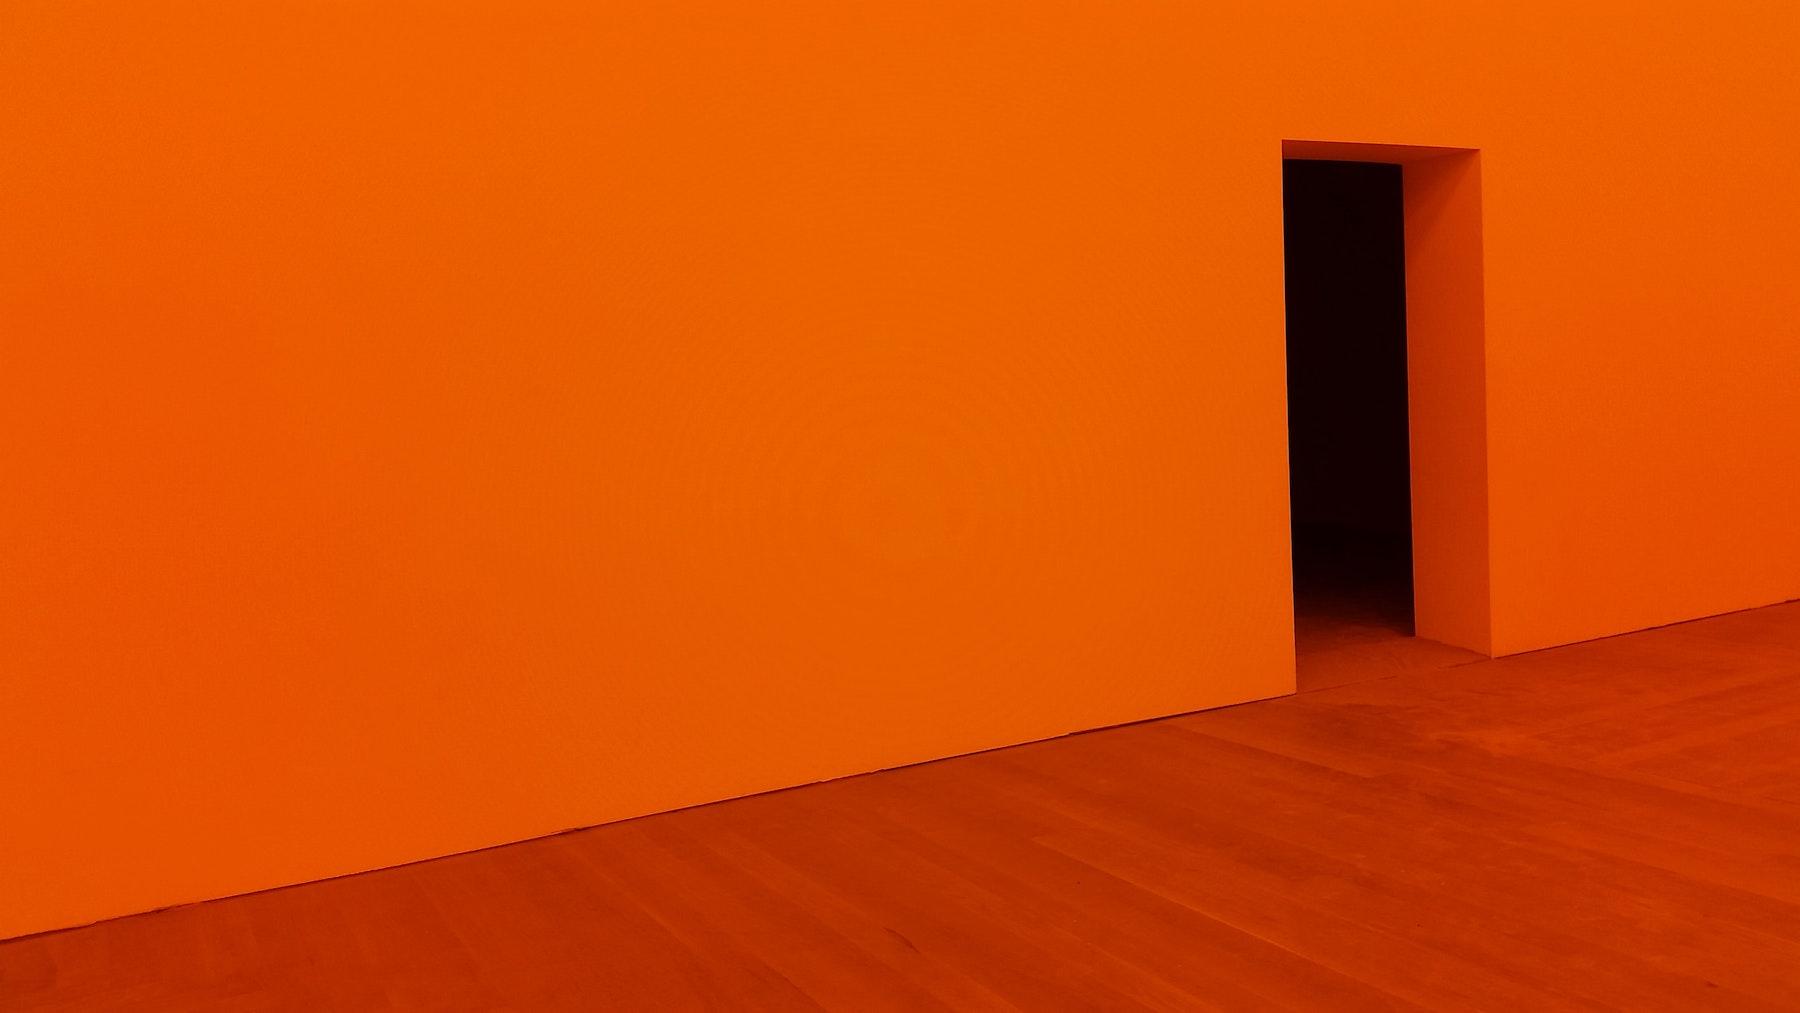 An orange room with a wood floor and on open doorway